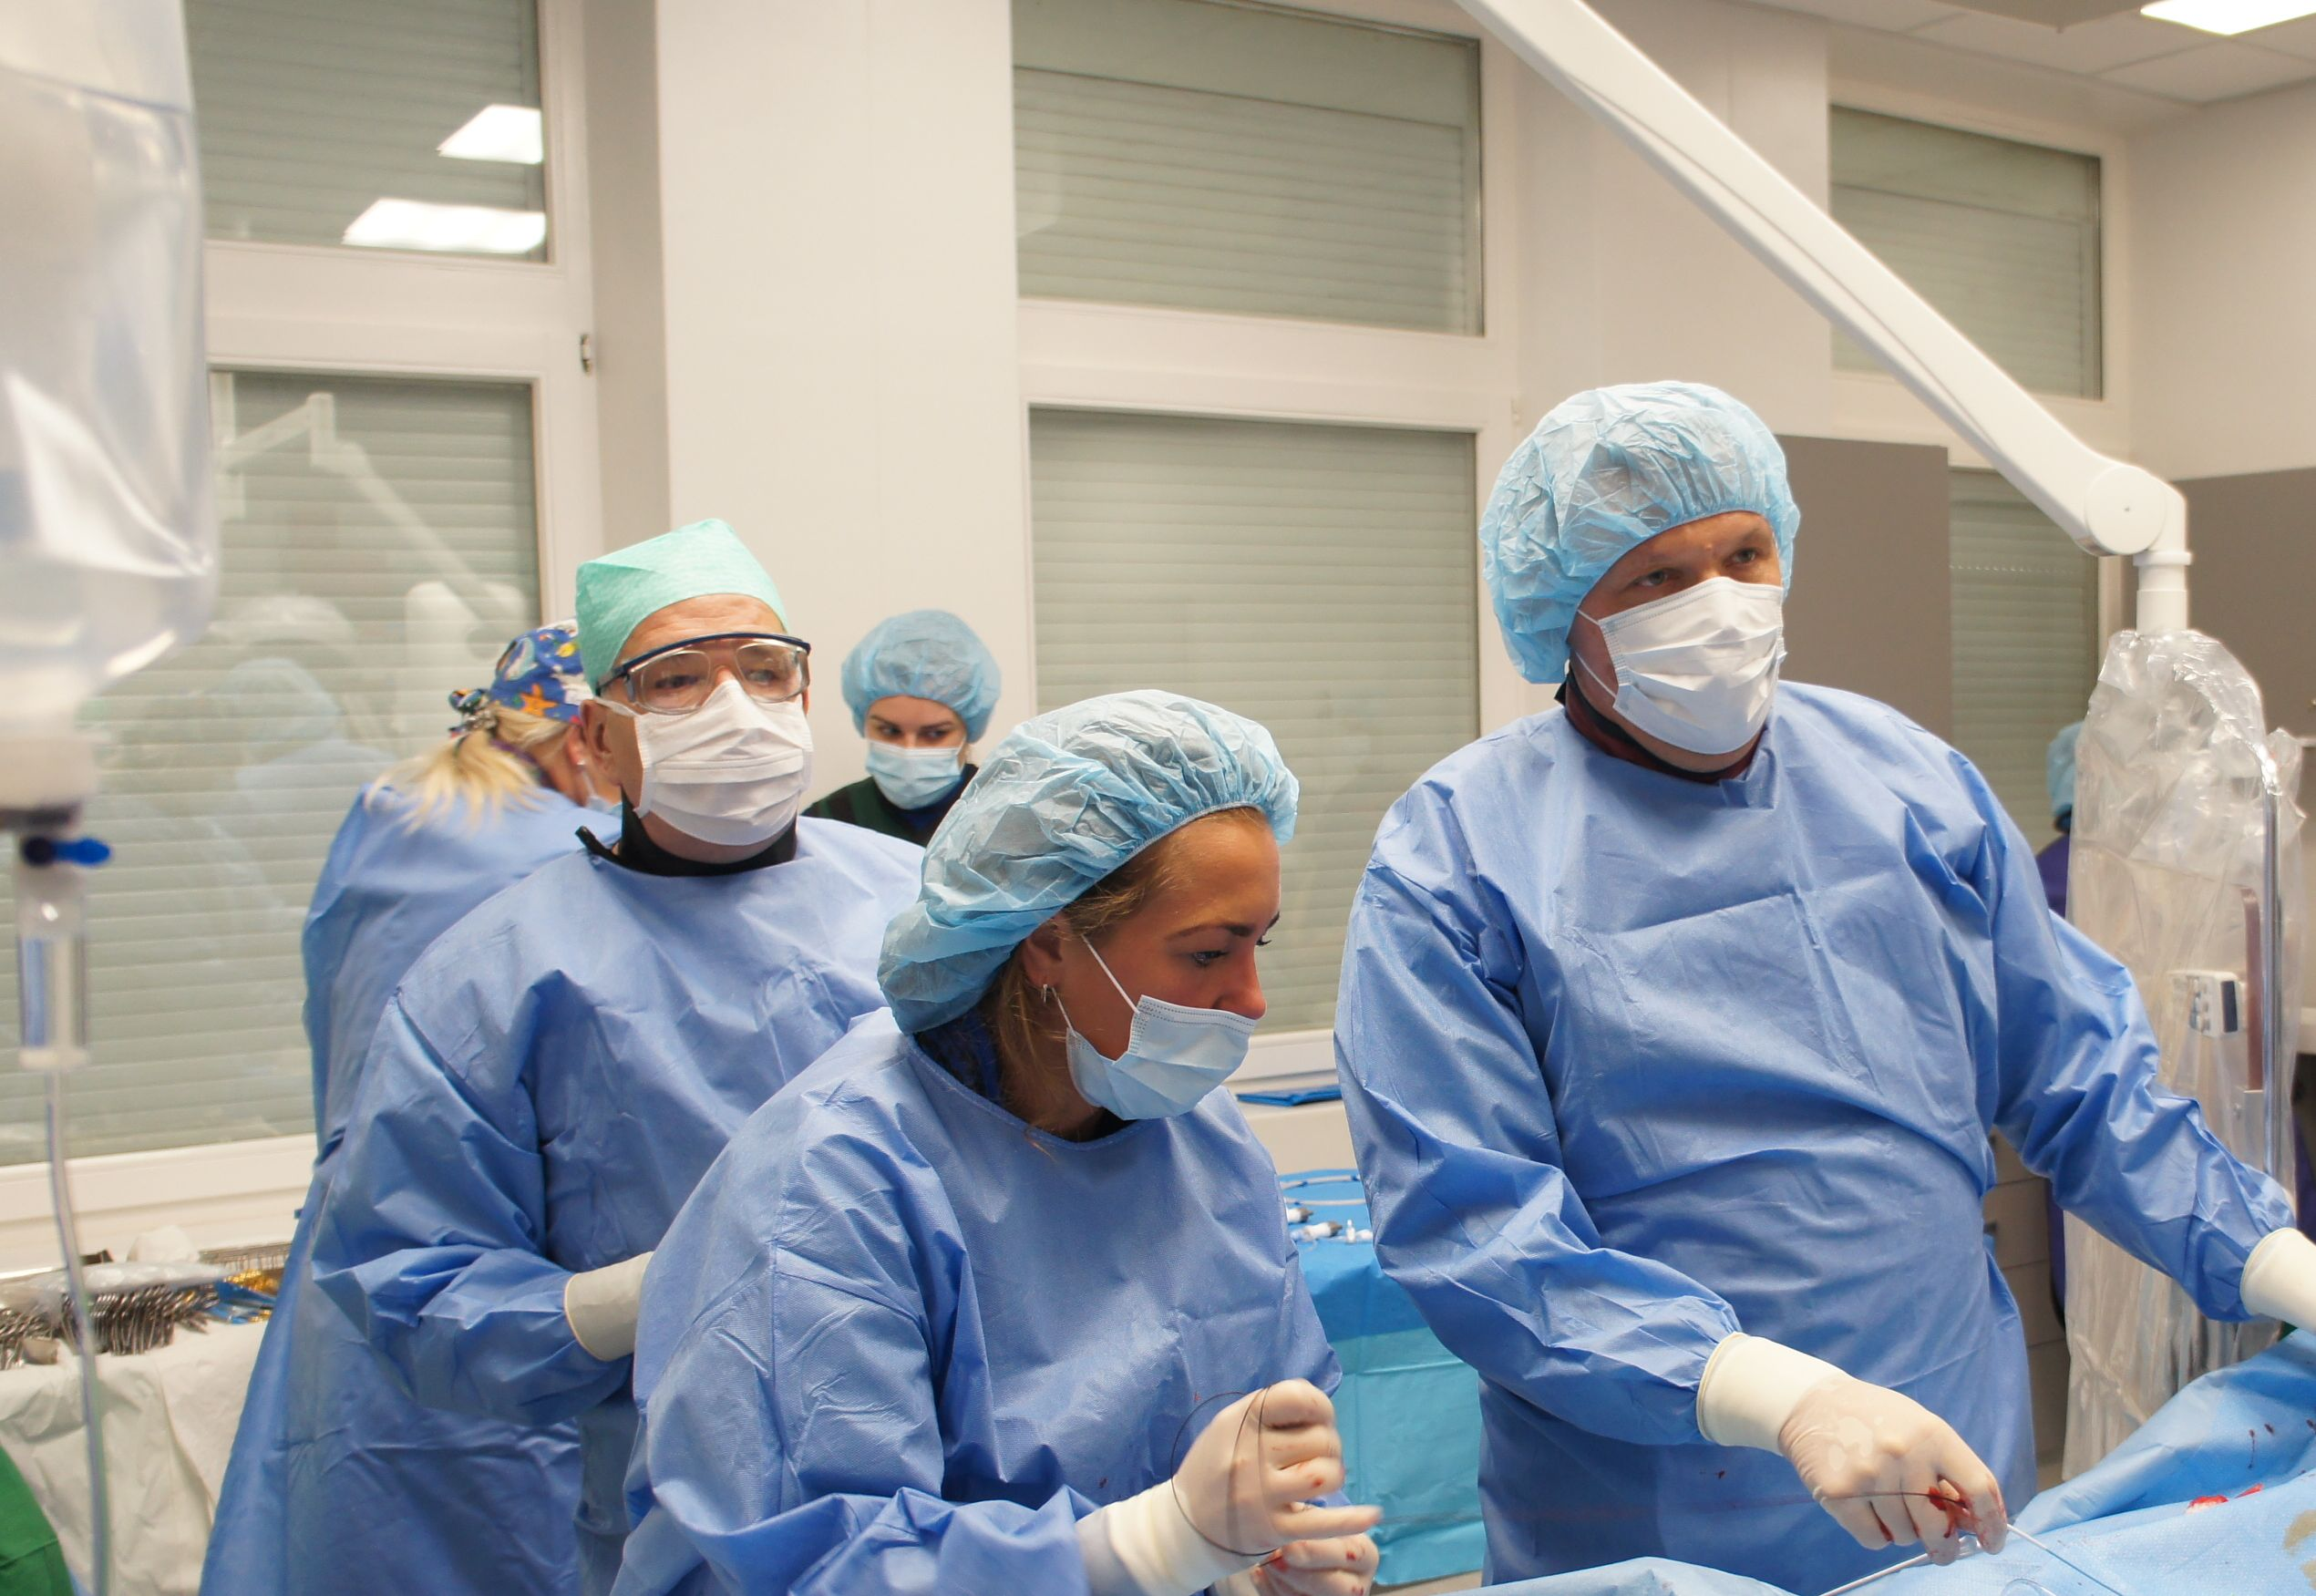 Angiochirurgė Agnė Gimžauskaitė ir angiochirurgas, intervencinis radiologas Andrius Pranculis atliko dvi valandas trukusią operaciją, kurios dėka pacientas apsaugotas nuo aortos aneurizmos plyšimo – mirtinos būklės.